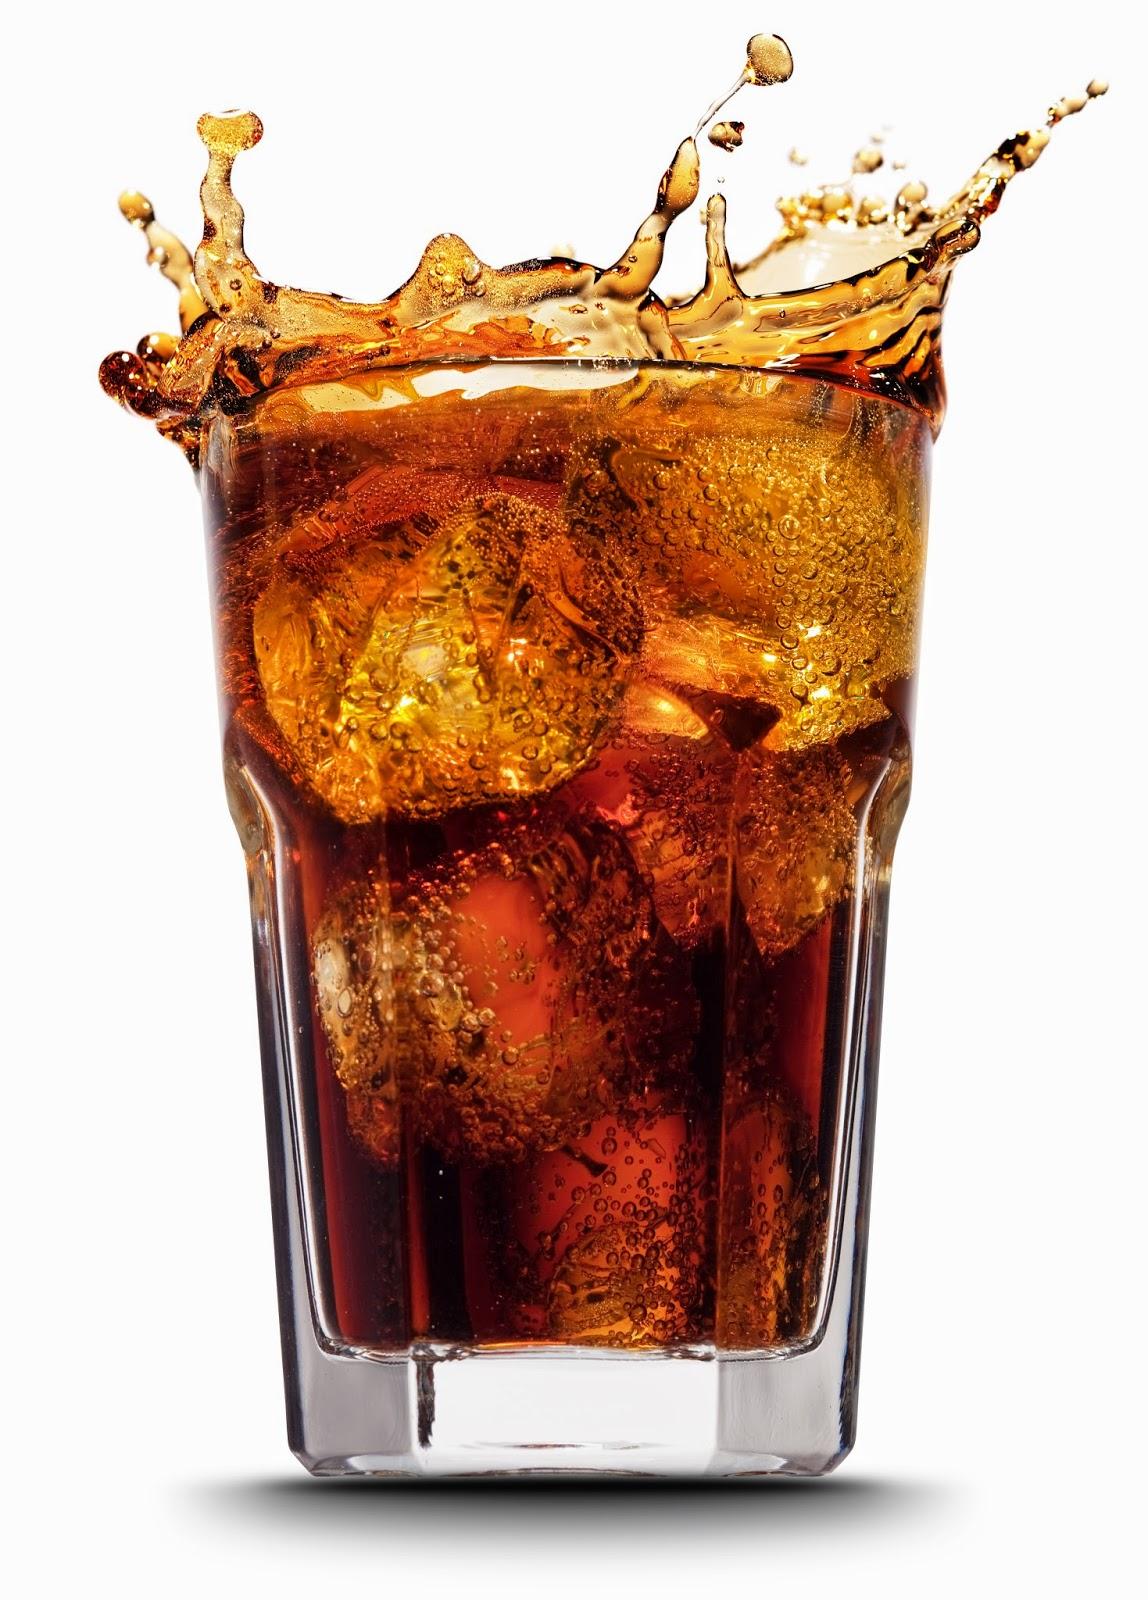 La mayoría de refrescos llevan azúcar en exceso